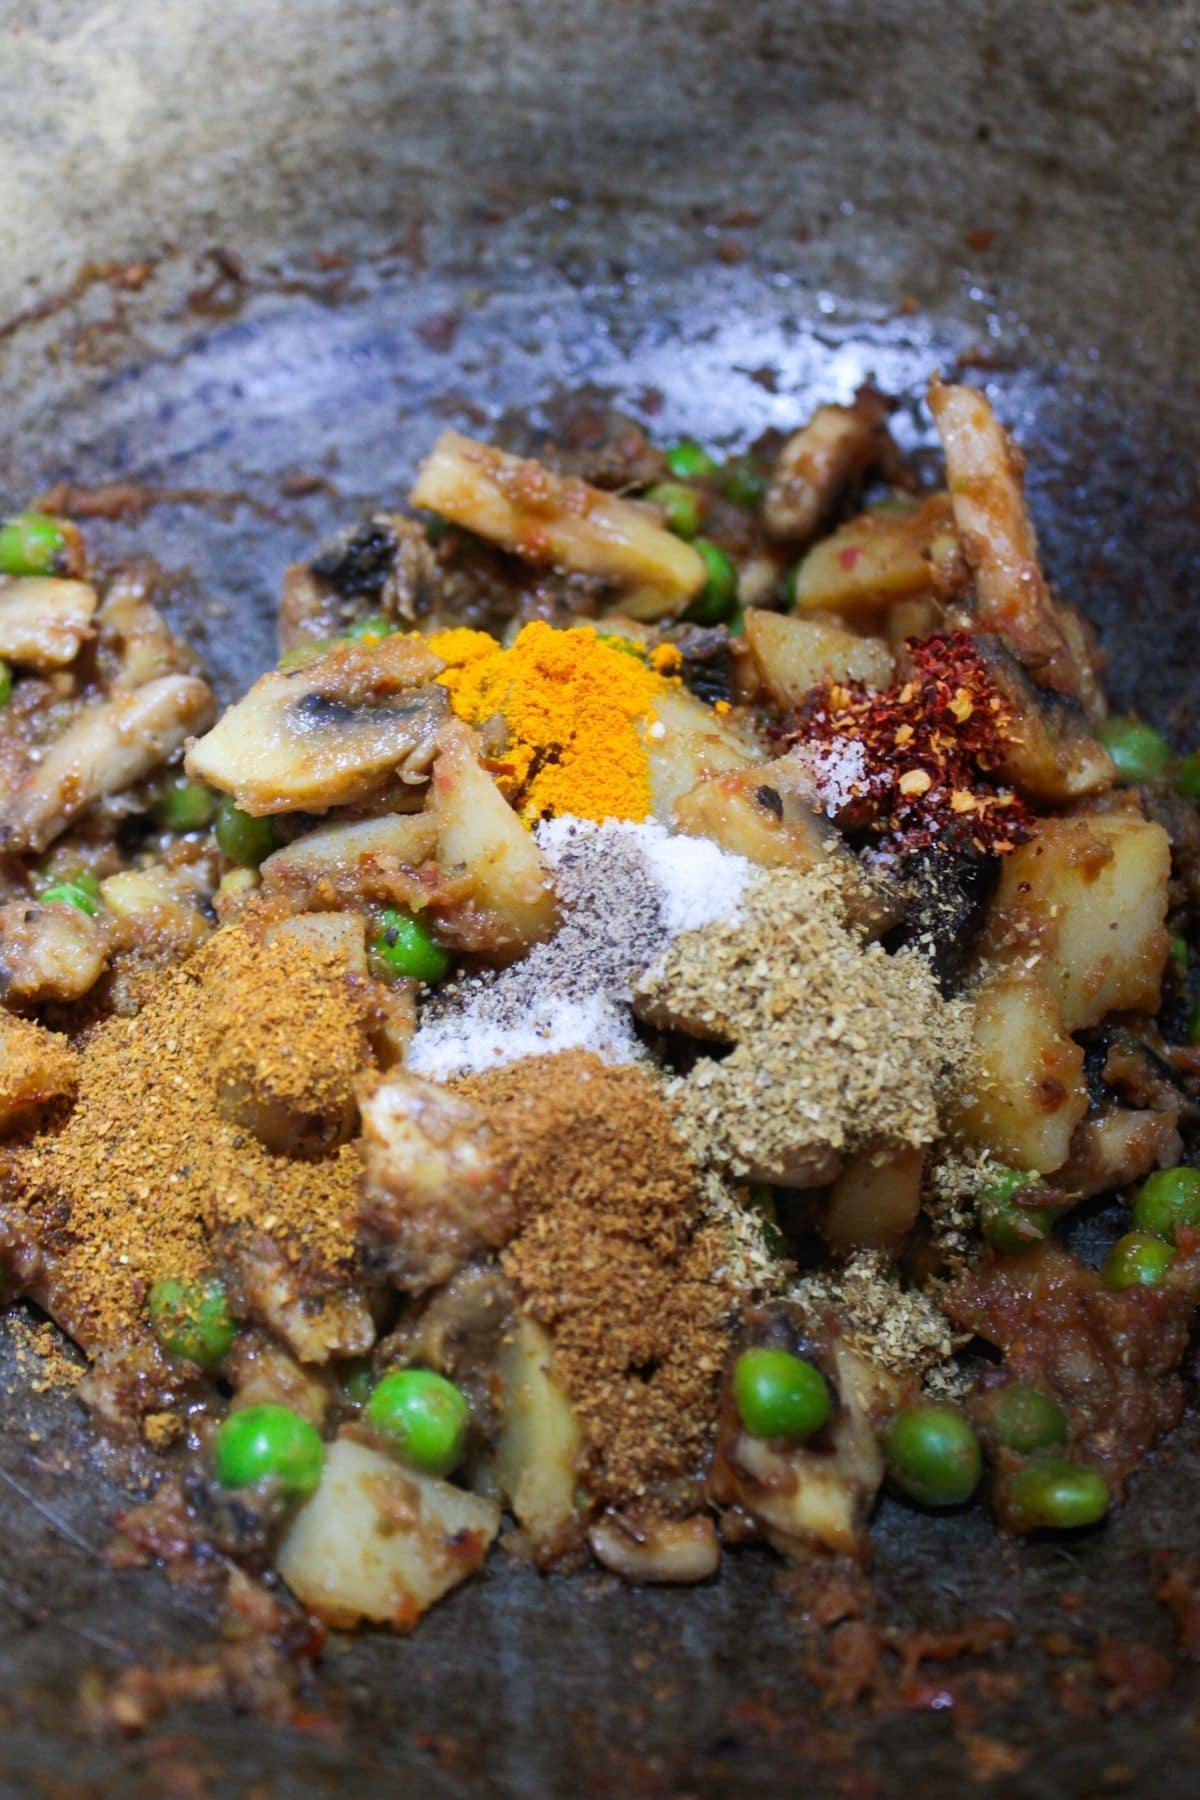 Seasonings on top of vegetables in skillet